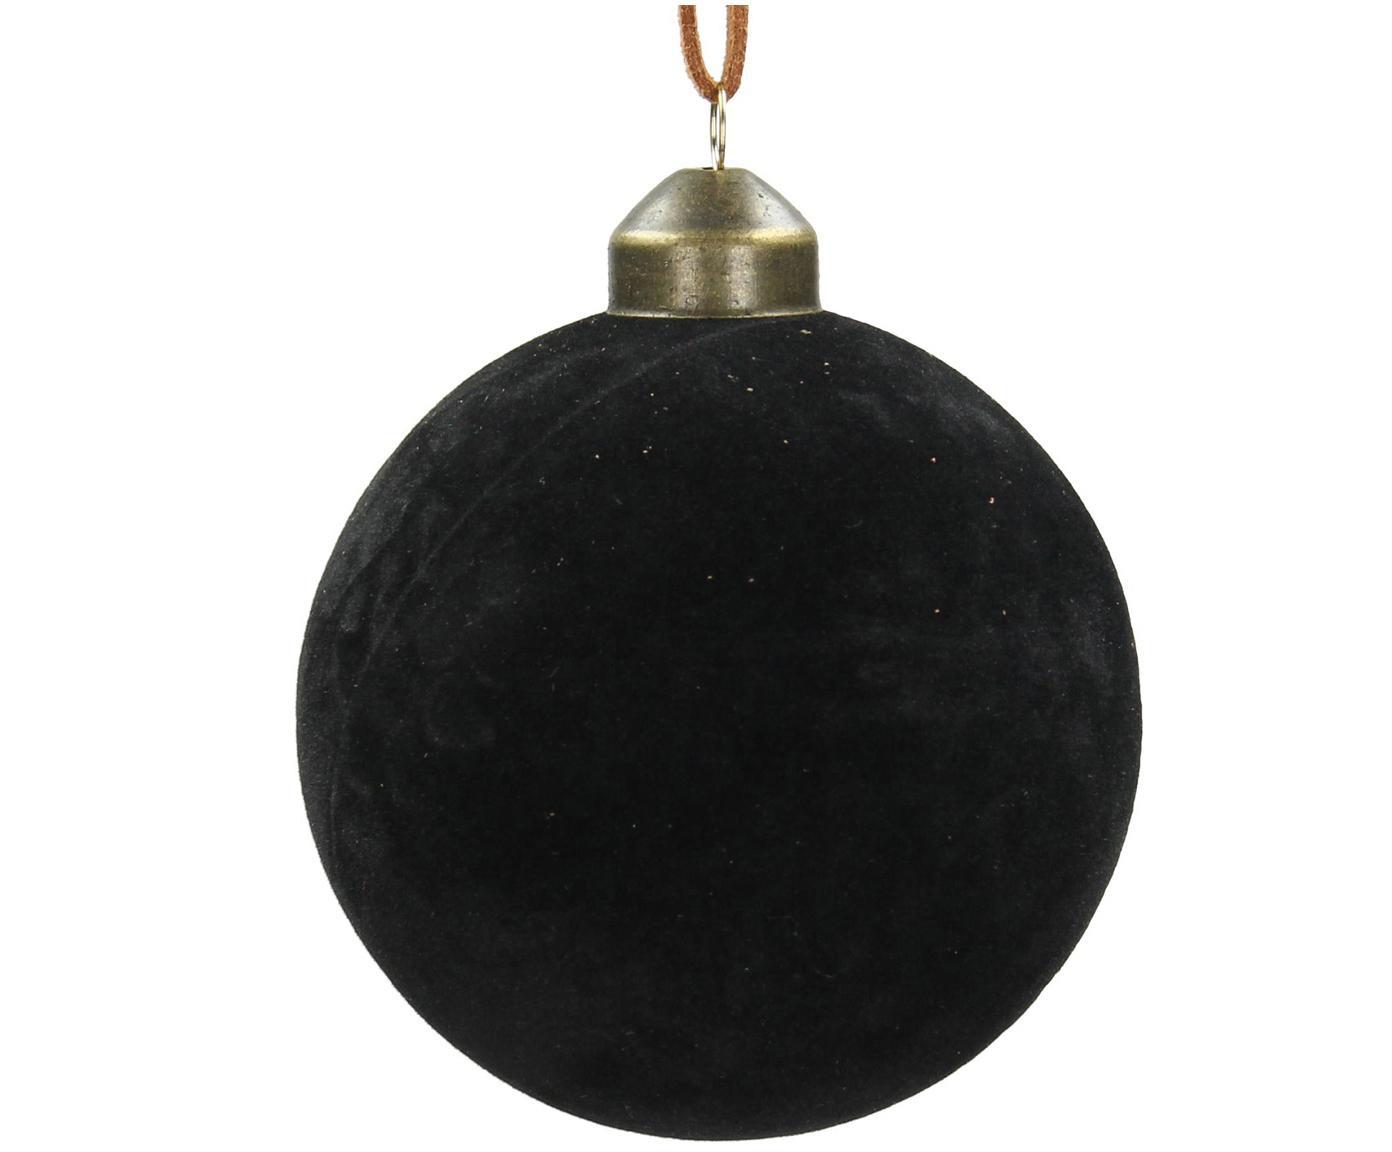 Weihnachtskugeln Velvet Ø8cm, 4Stück, Glas, Polyestersamt, Schwarz, Ø 8 cm